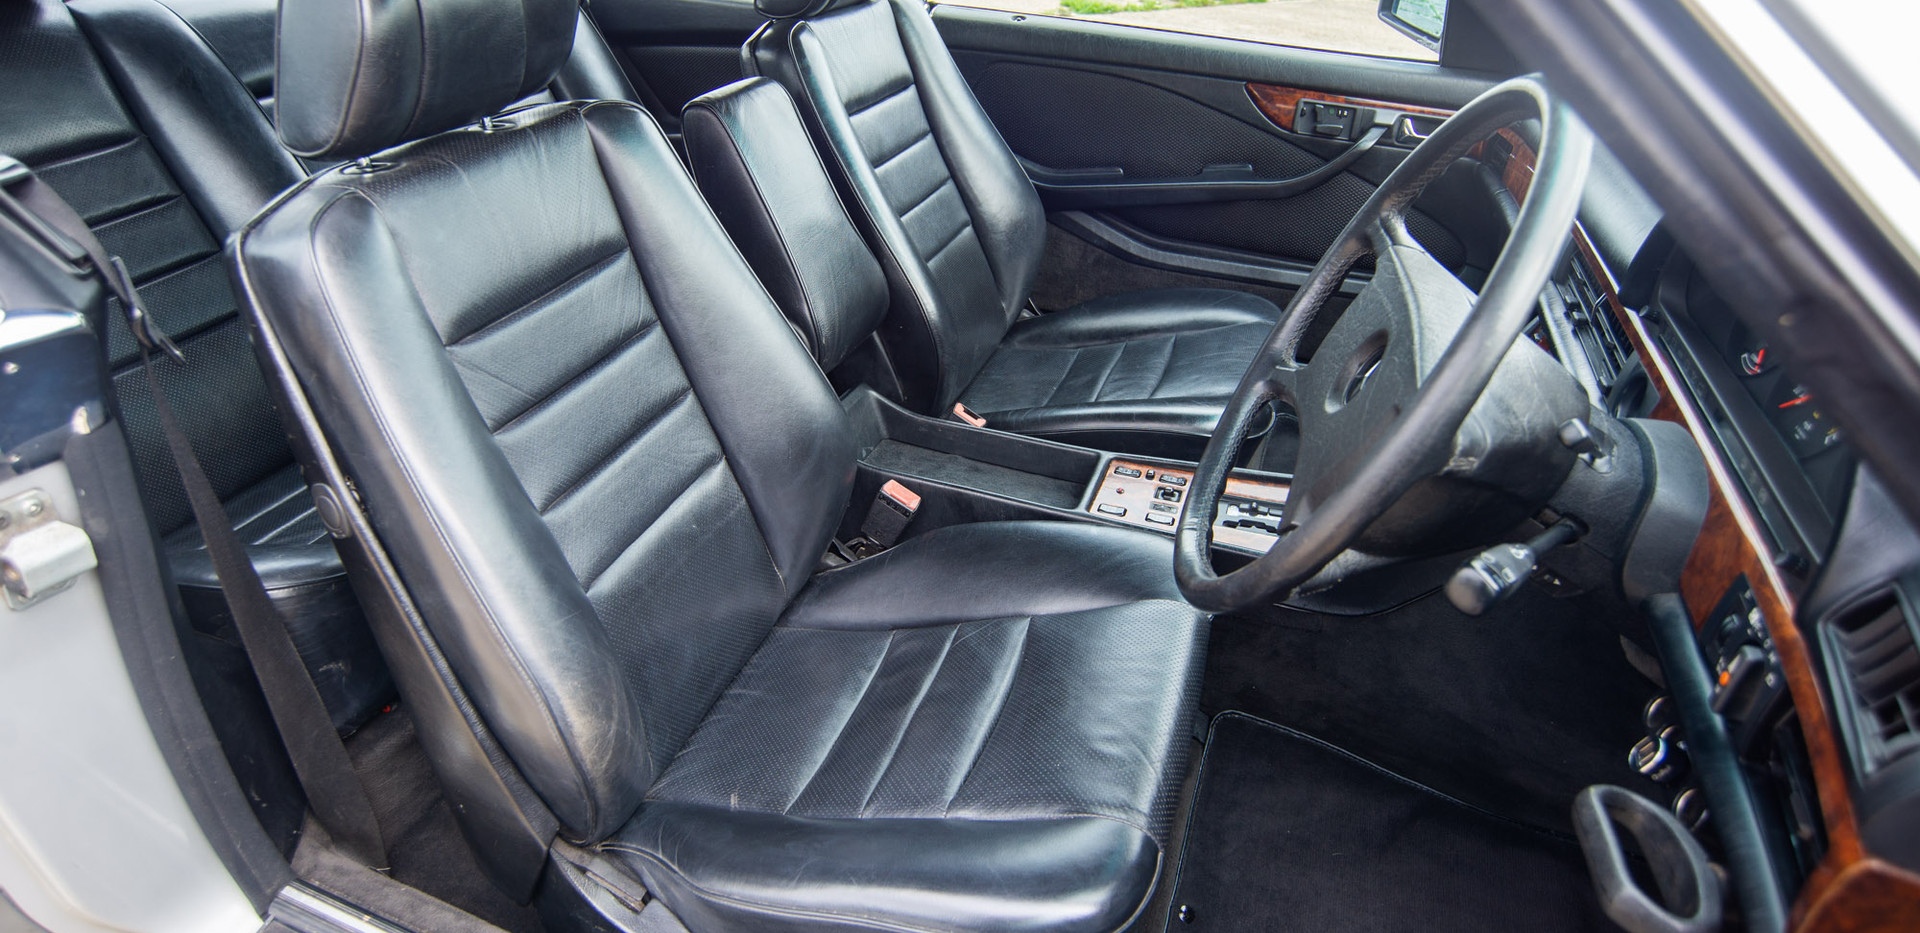 W126 420SEC - Uk for sale london-33.jpg